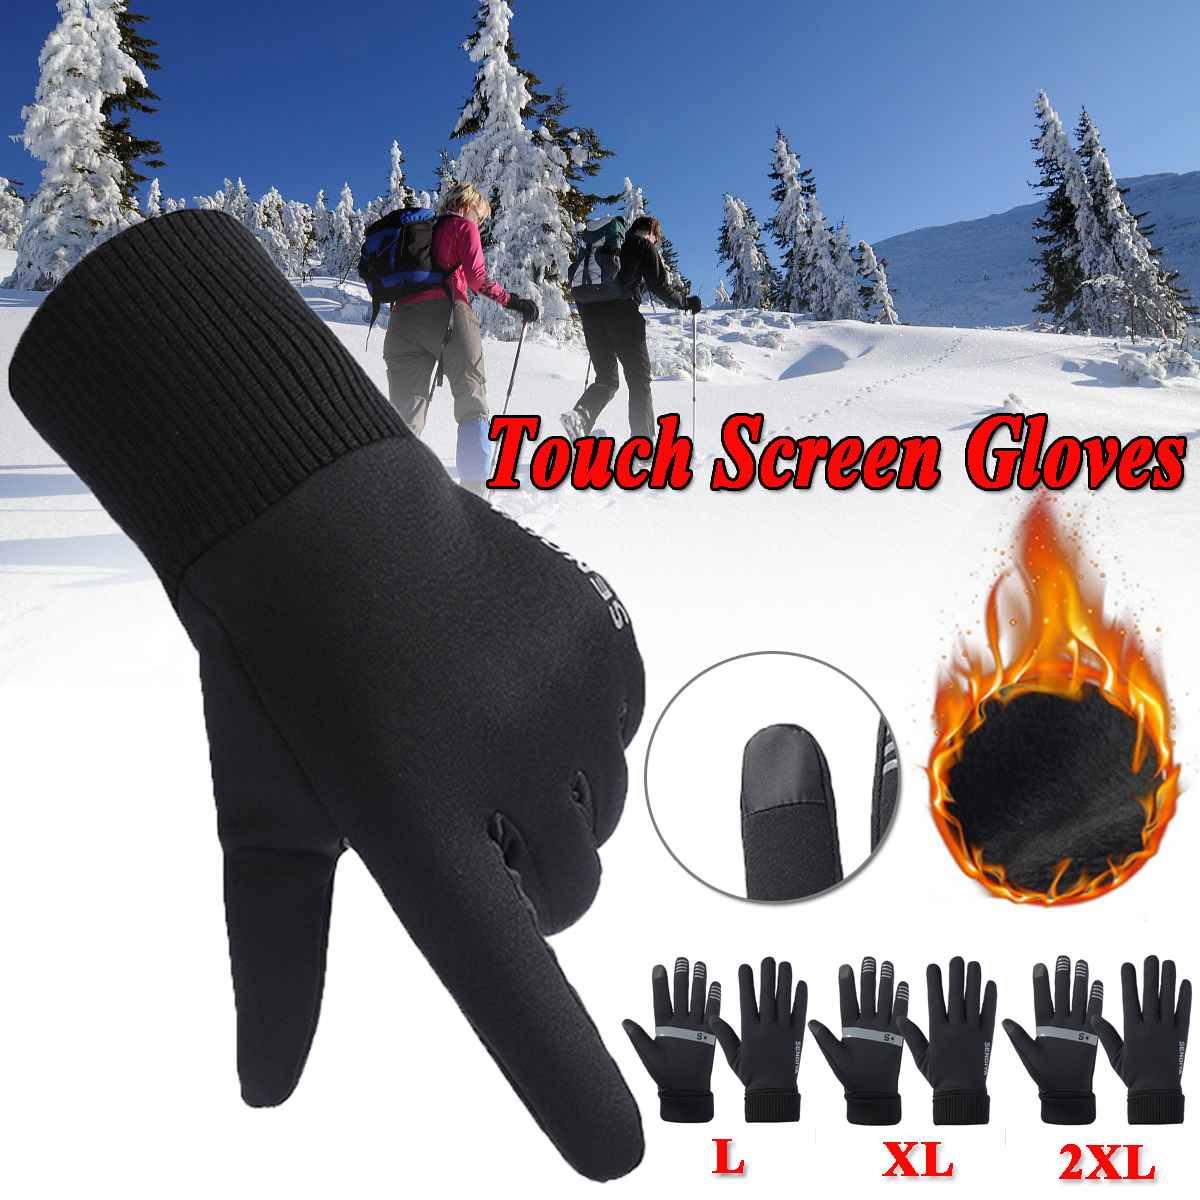 Теплые лыжные перчатки Зимние флисовые водонепроницаемые перчатки для сноуборда зимние мотоциклетные лыжные перчатки спортивная одежда для мужчин и женщин перчатки